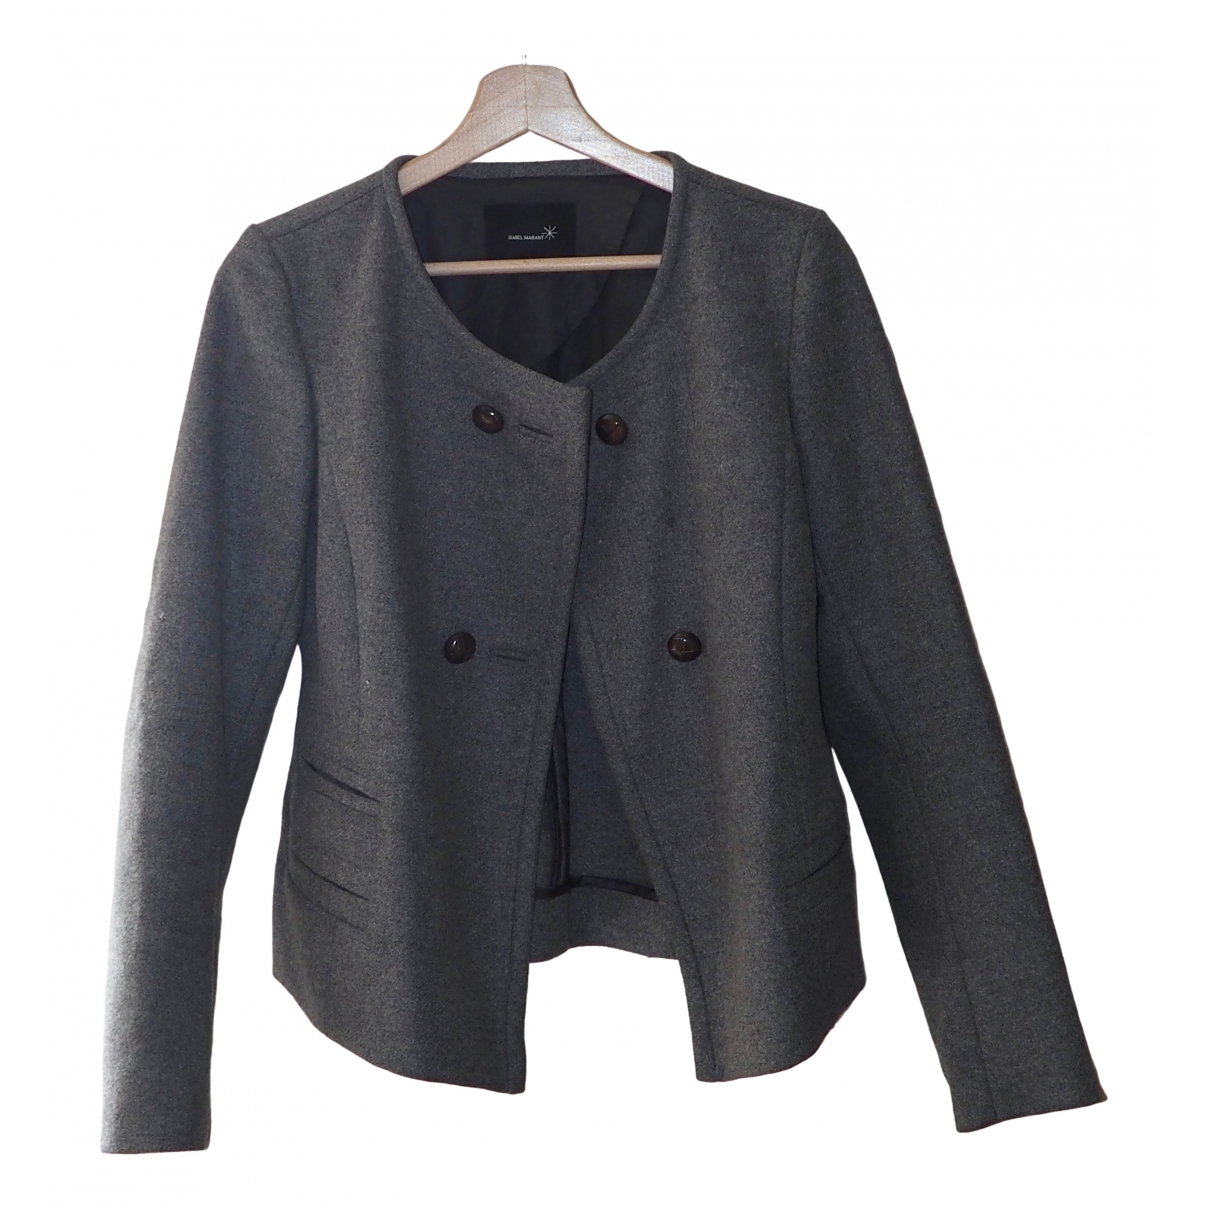 Isabel Marant \N Jacke in  Grau Wolle